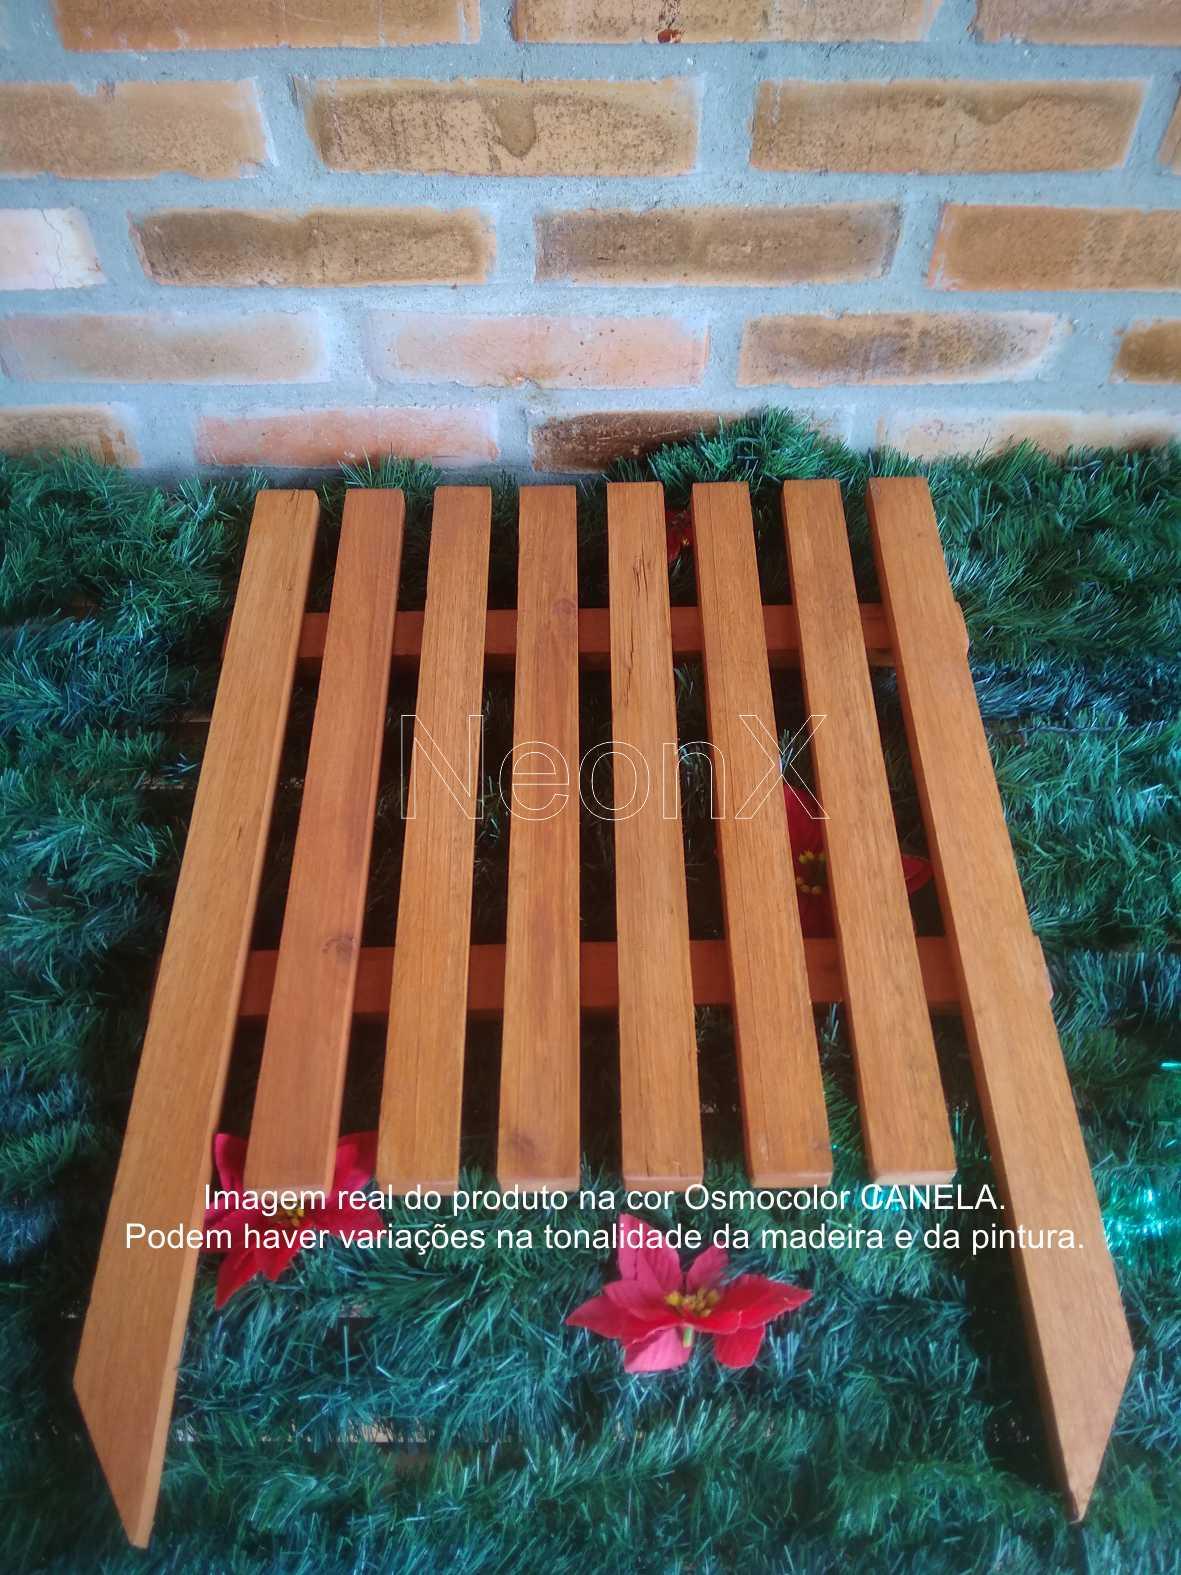 Kit 10 Un. Cerca para Jardim, Horta ou Decoração Clássica Modular Reforçada 50x65 cm Neonx